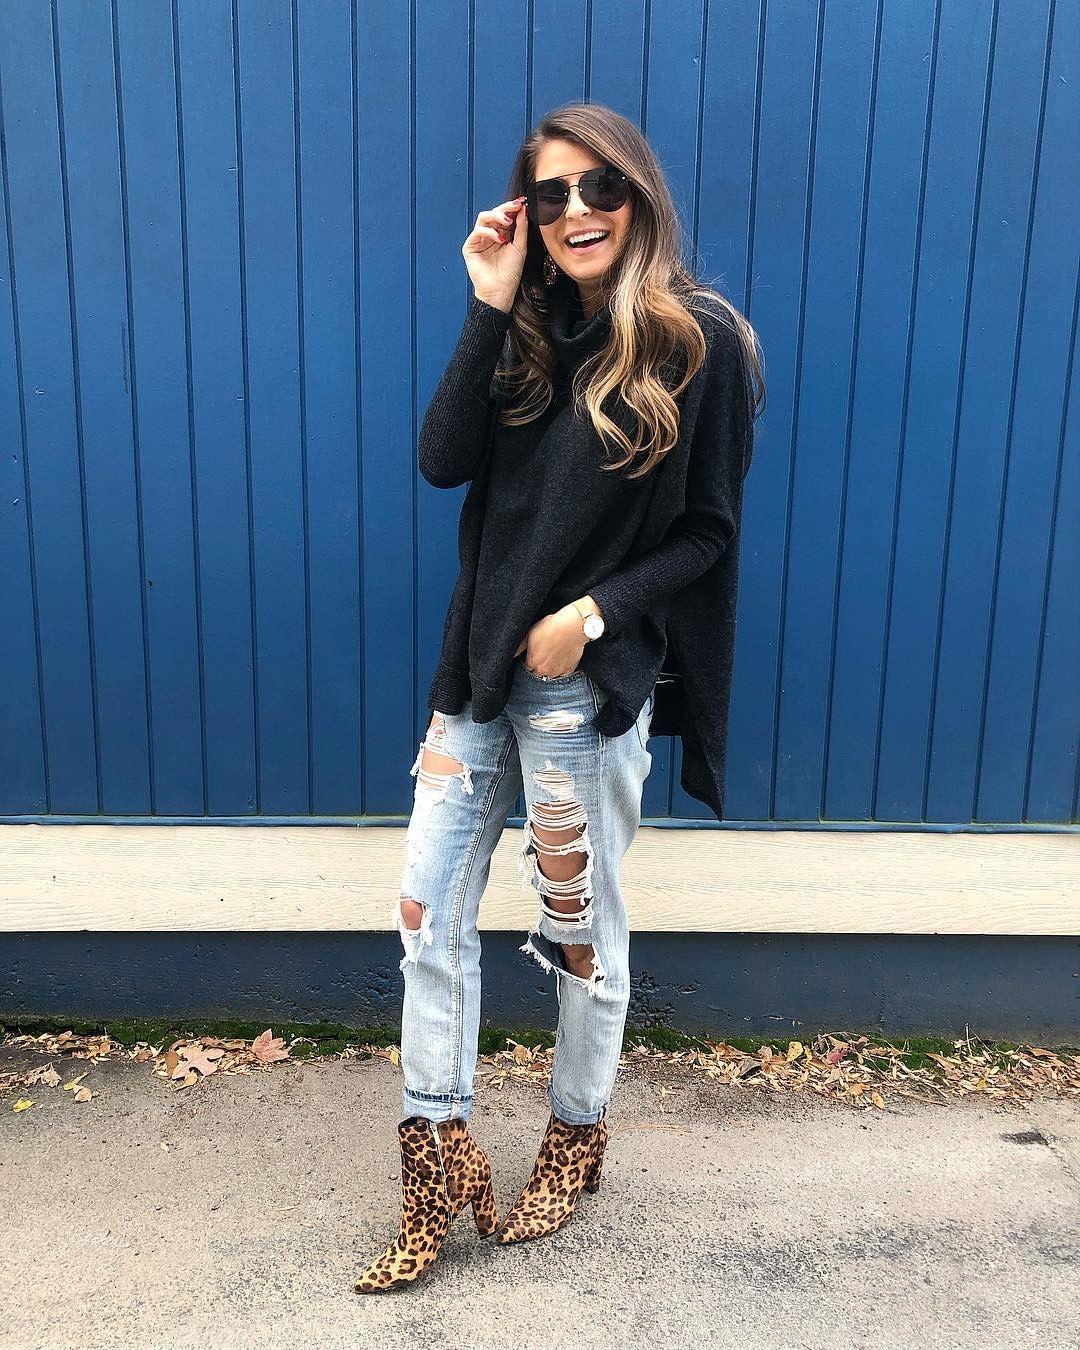 @simply_darlings' pop of leopard print booties